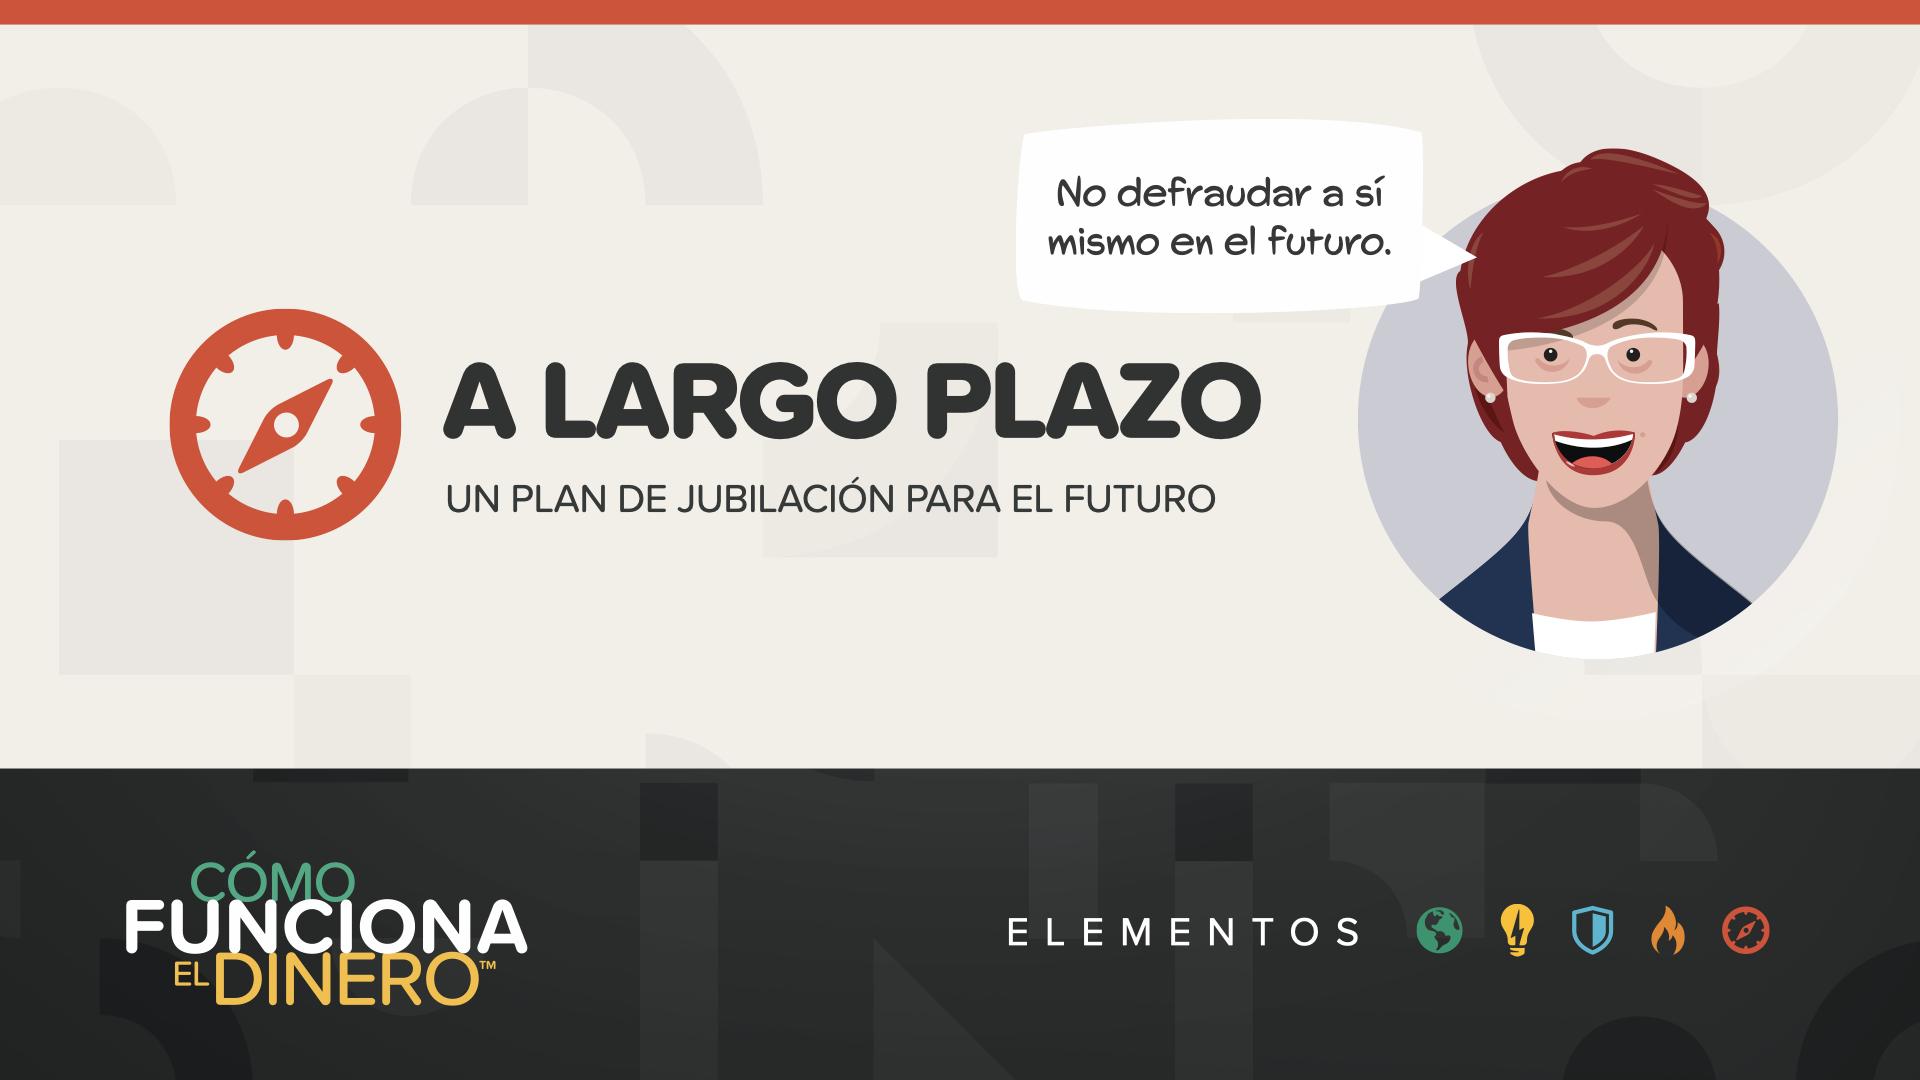 ELEMENTOS - A Largo Plazo